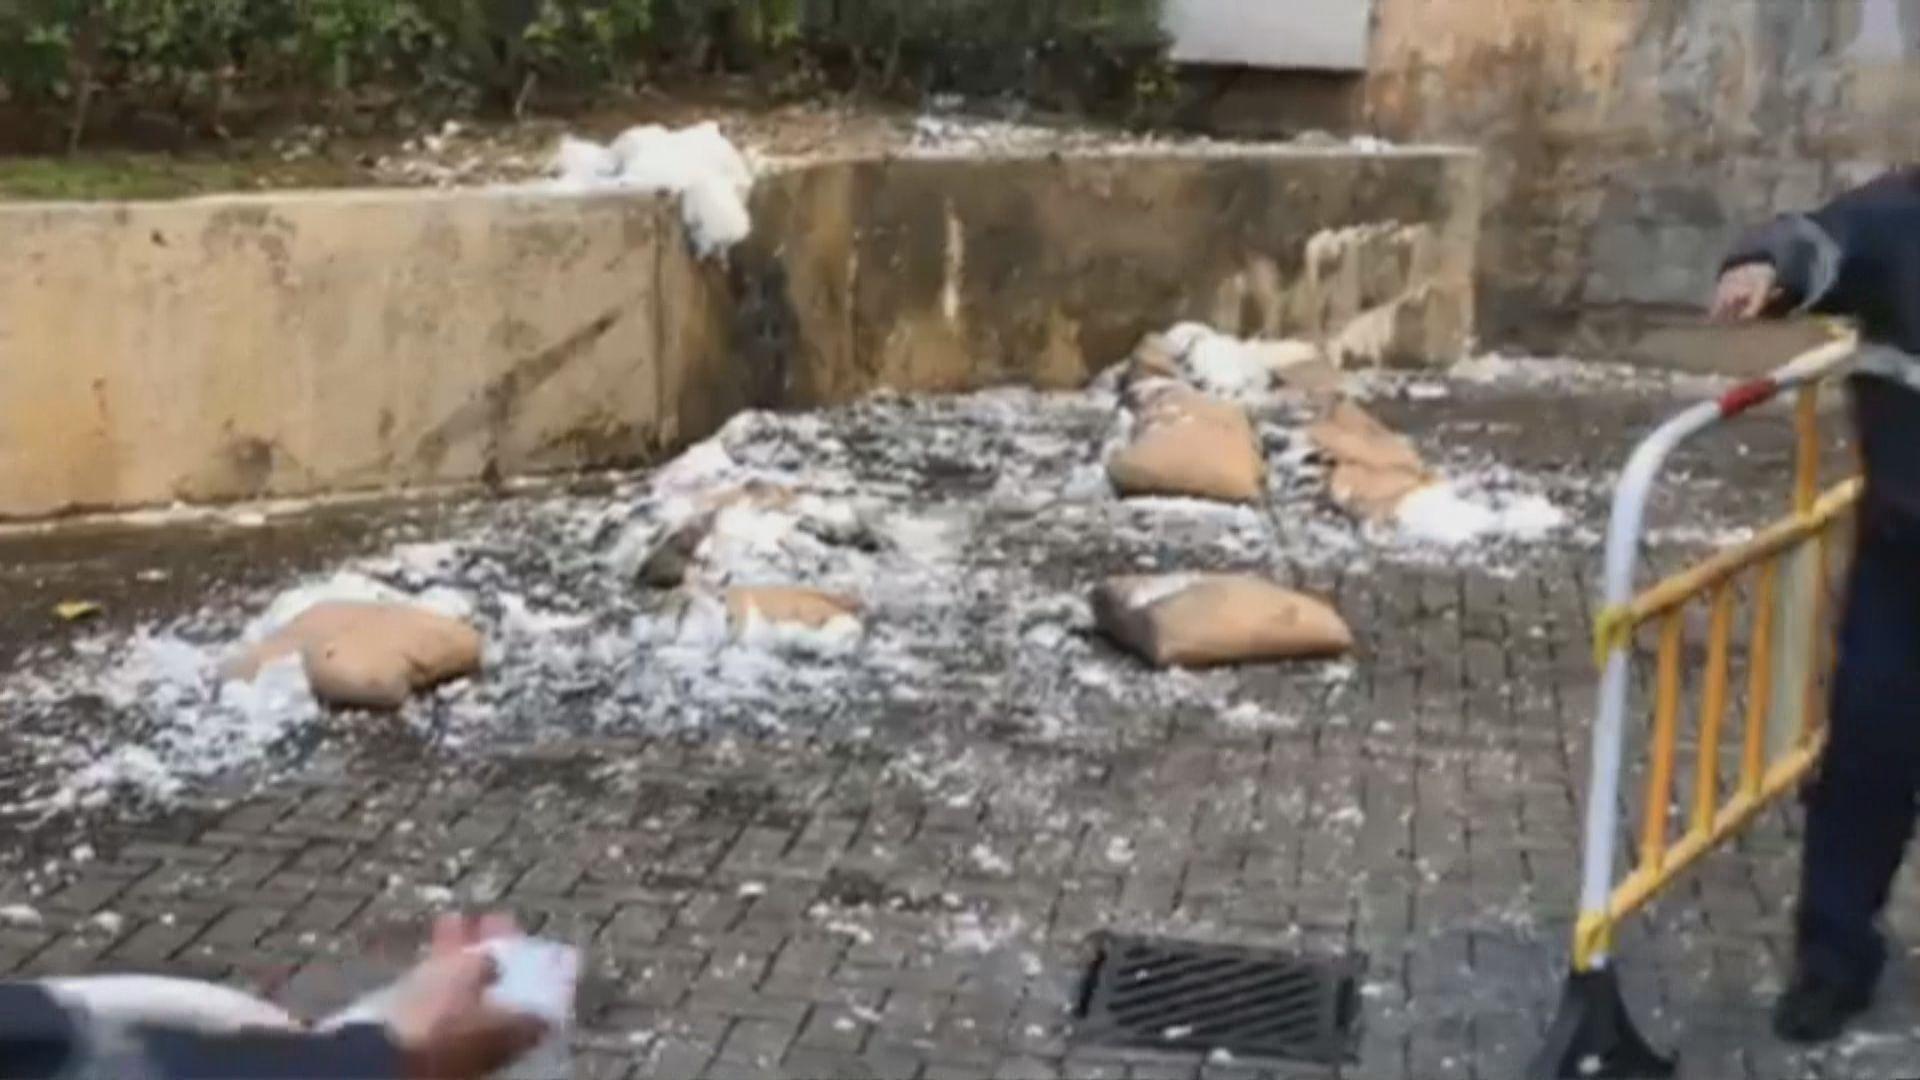 城大校內發現懷疑爆炸品 警方到場引爆